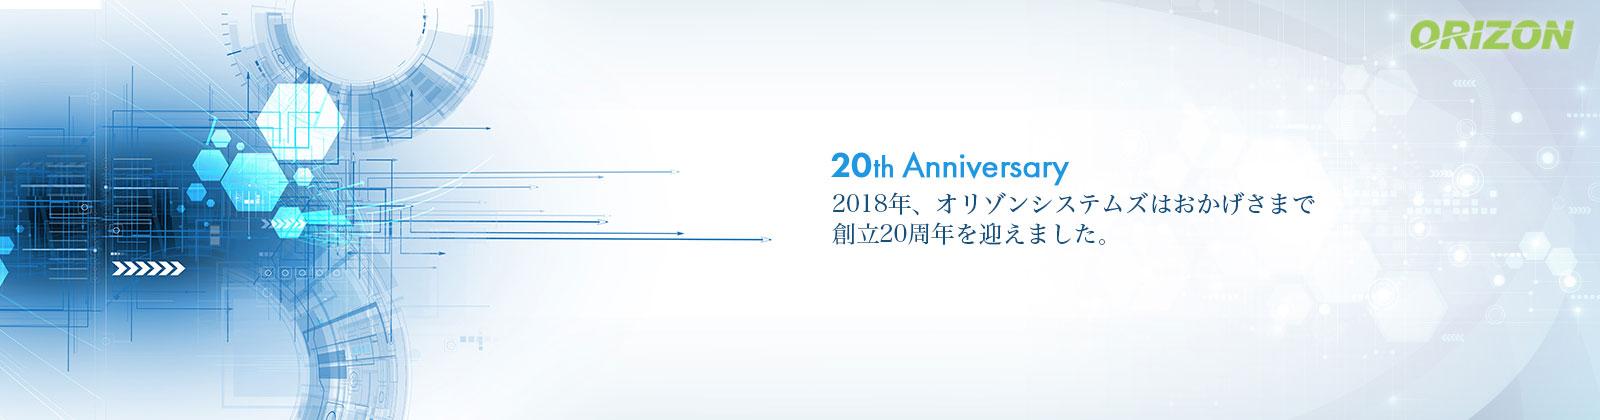 2018年、オリゾンシステムズはおかげさまで創立20周年を迎えました。